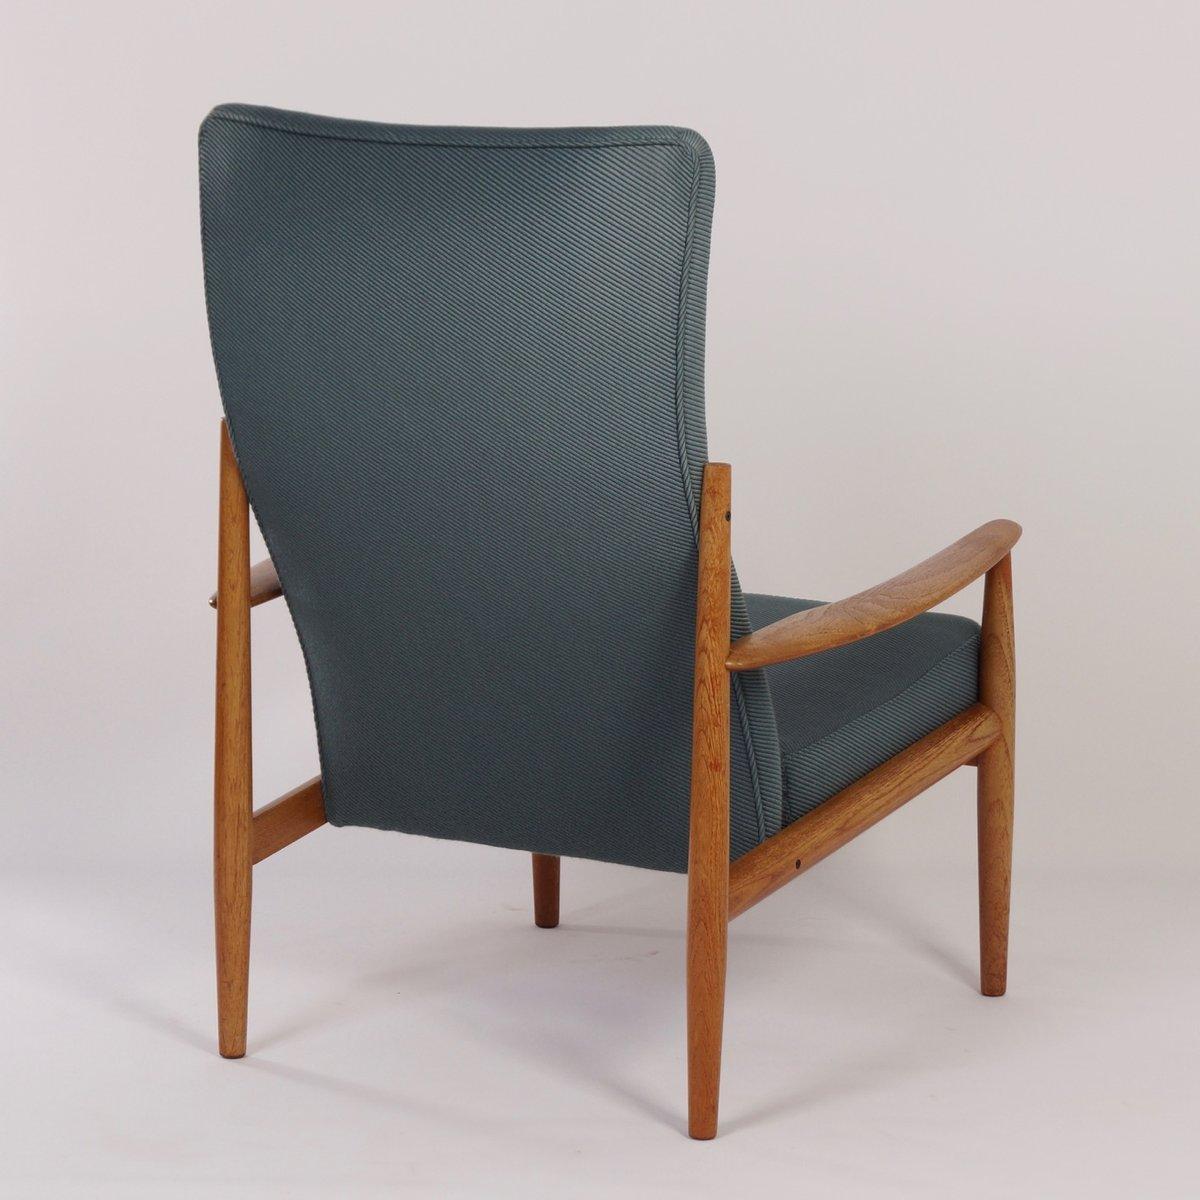 d nischer stuhl mit hoher r ckenlehne von grete jalk f r france s n 1960er bei pamono kaufen. Black Bedroom Furniture Sets. Home Design Ideas